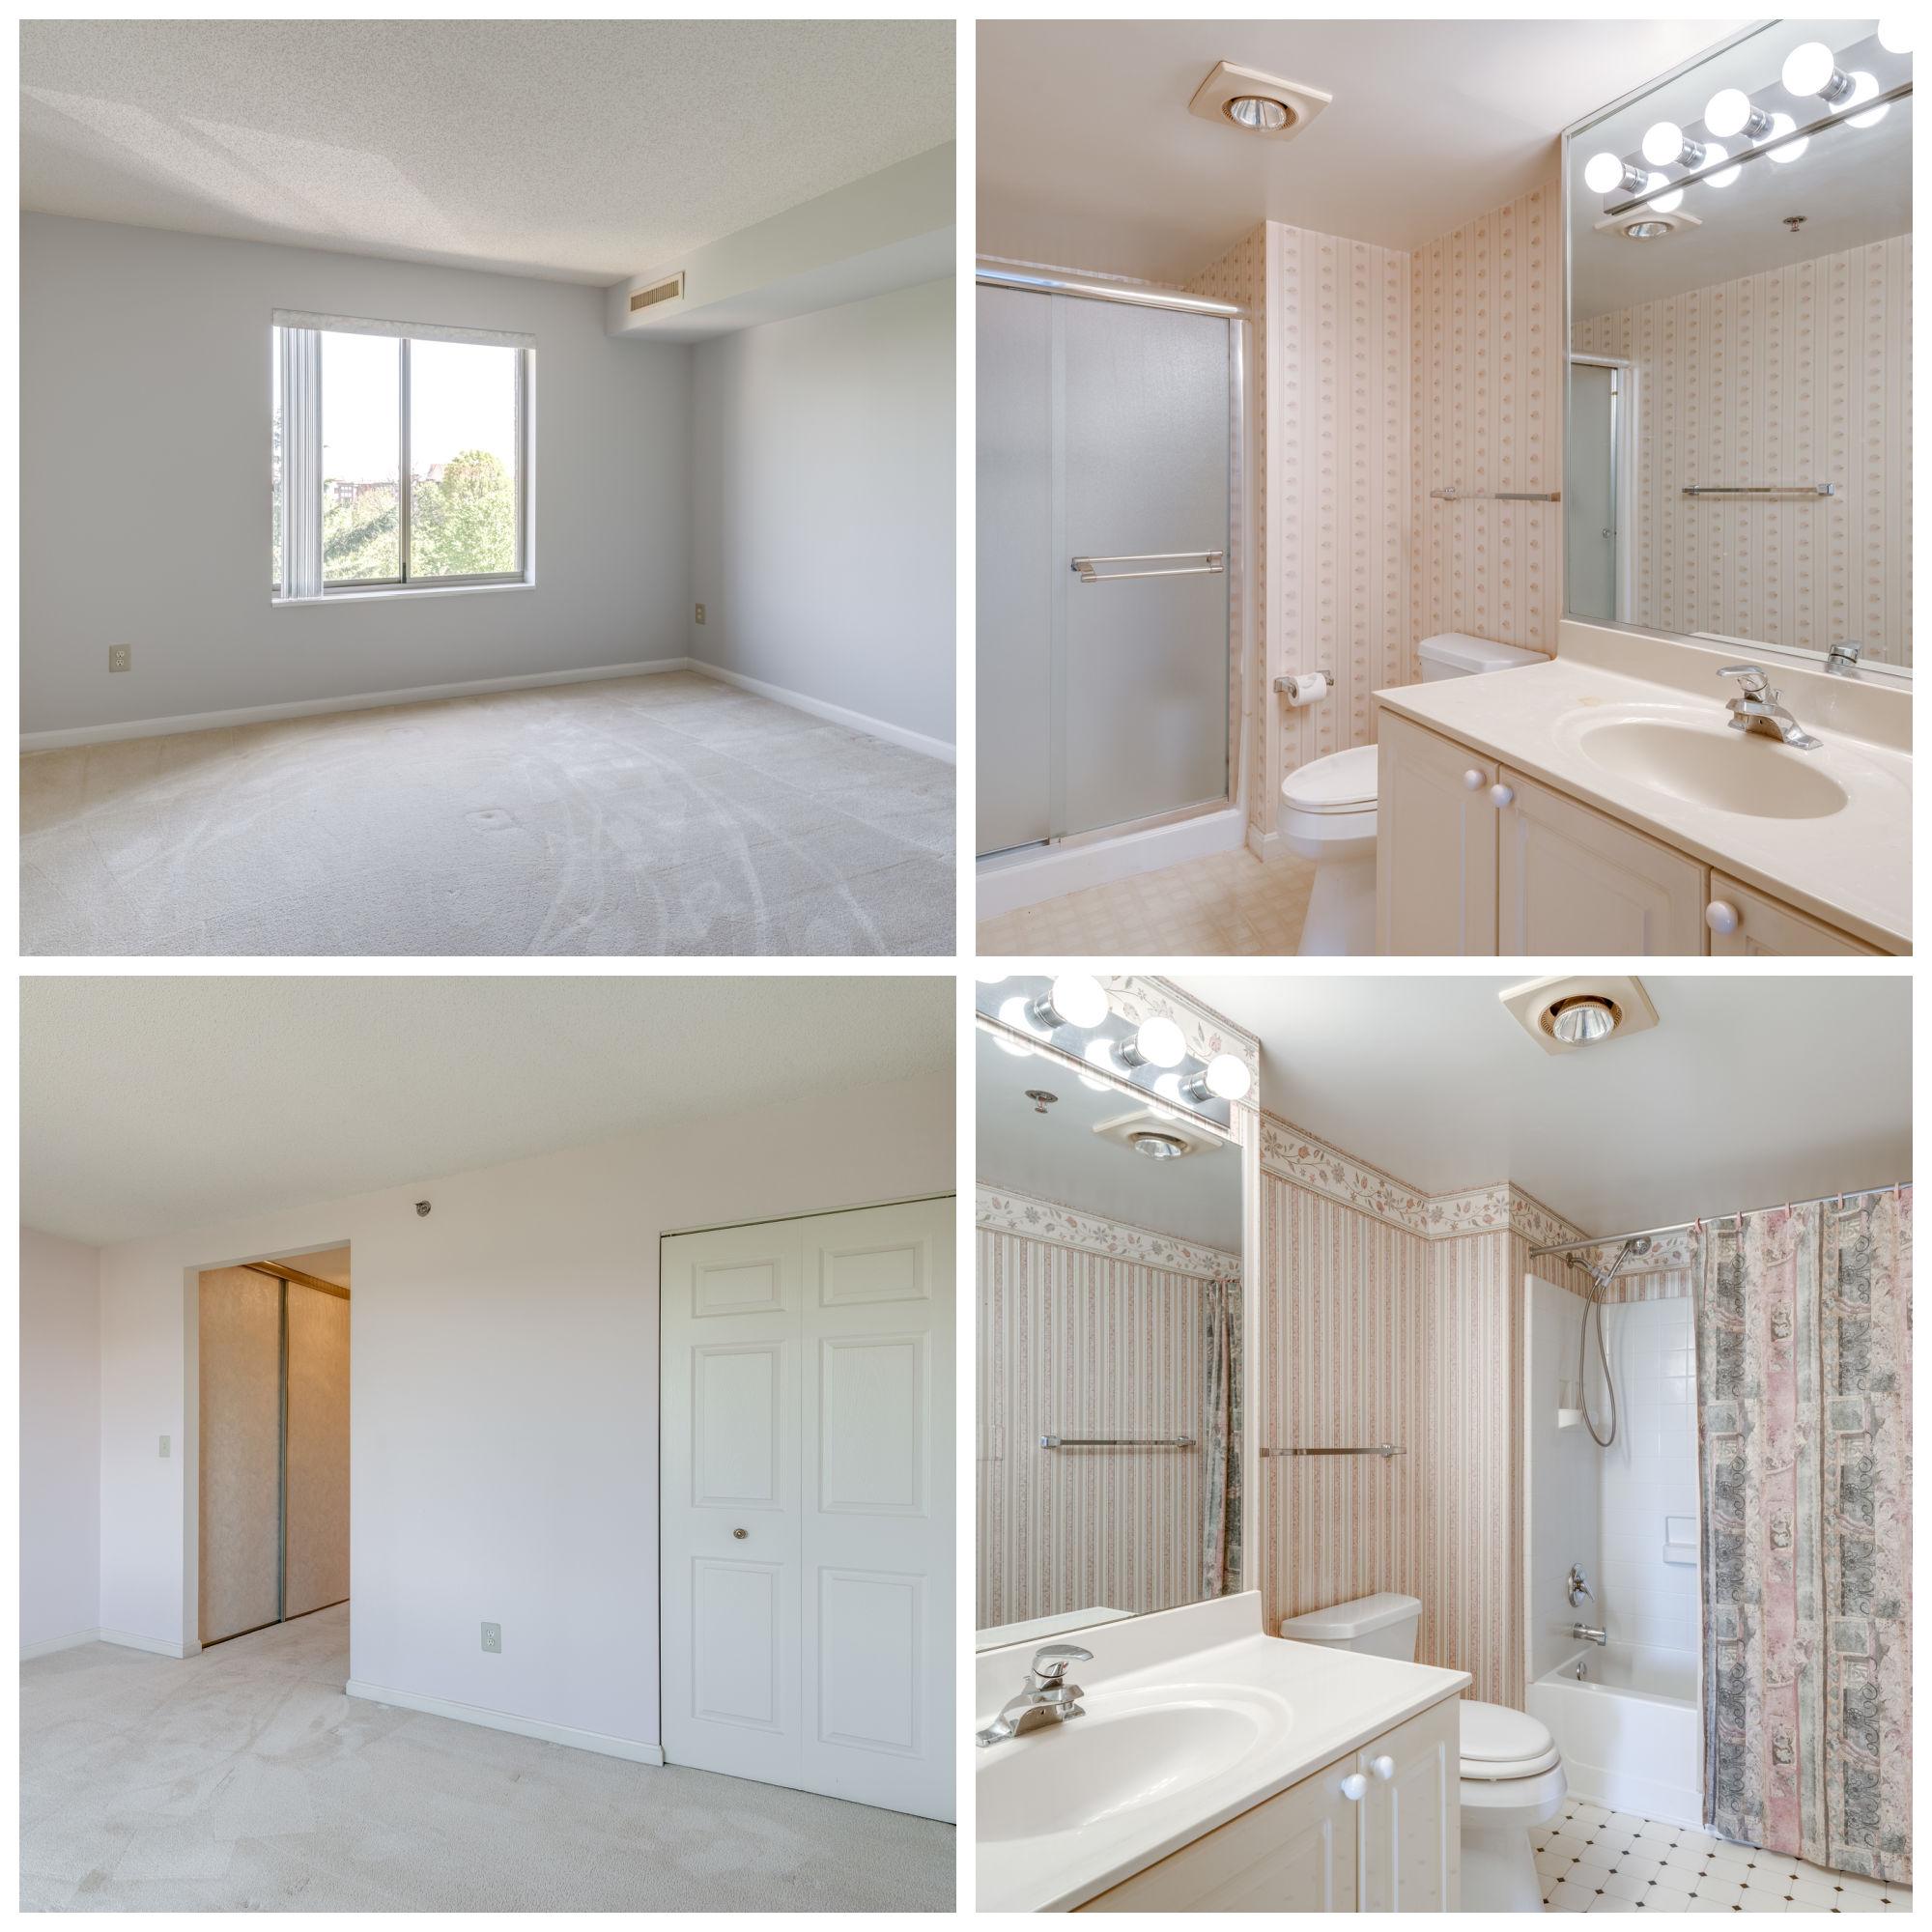 19385 Cypress Ridge Ter #316, Lansdowne Woods- Bedroom Suites